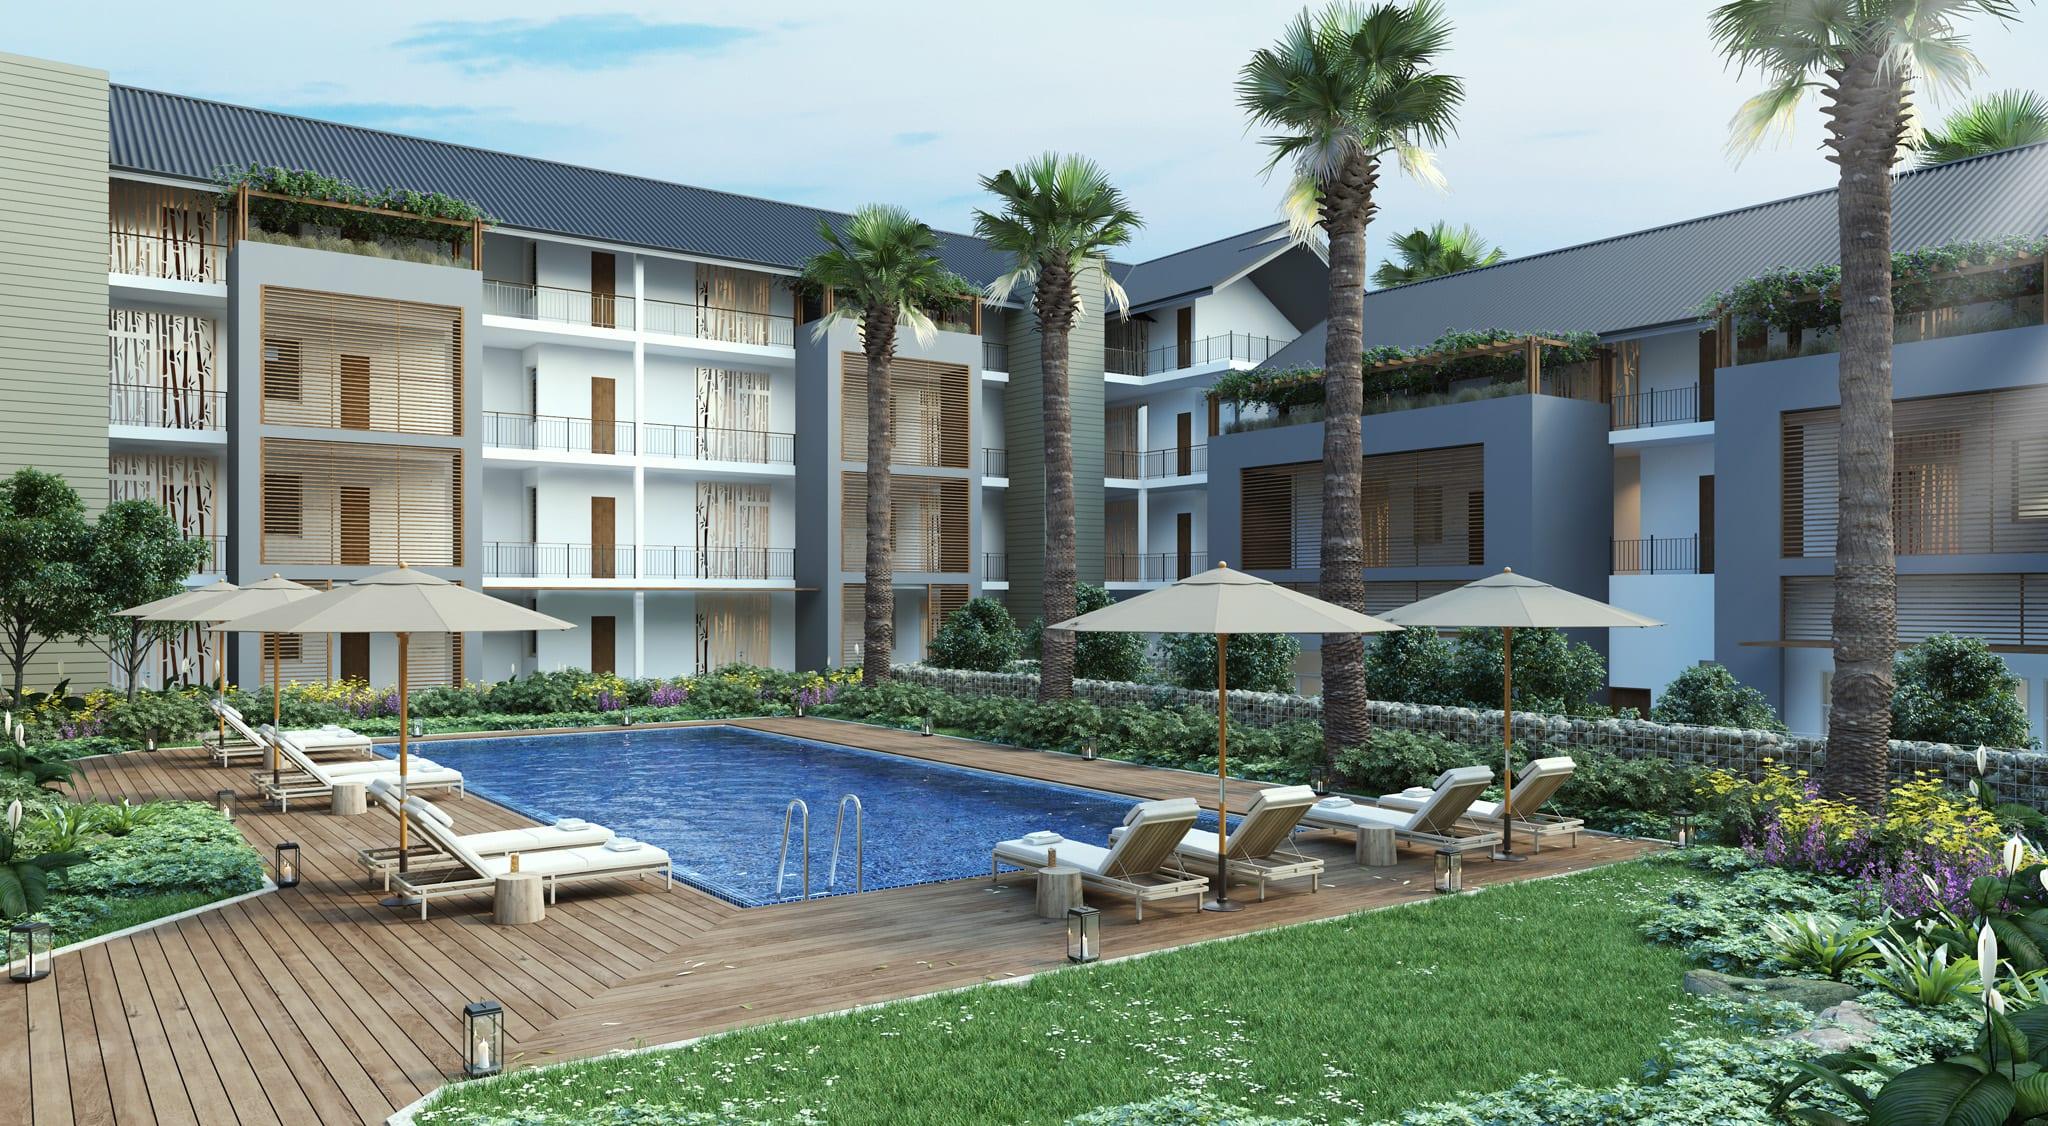 appartements clé en main s'accompagnent d'une terrasse privative et sont conçus pour garantir votre confort en toute situation.||||